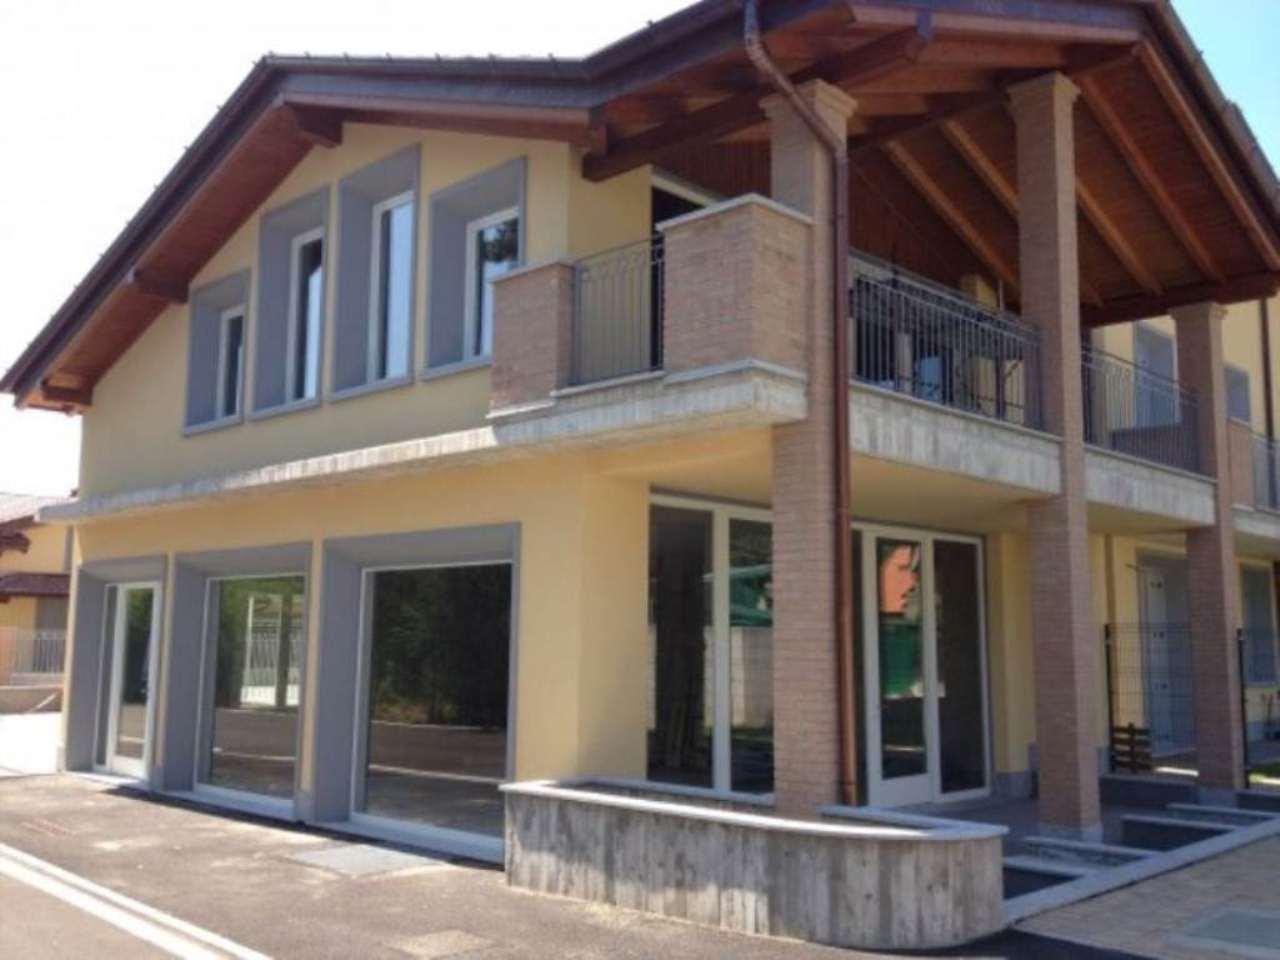 Negozio / Locale in vendita a Castelseprio, 5 locali, prezzo € 220.000 | CambioCasa.it